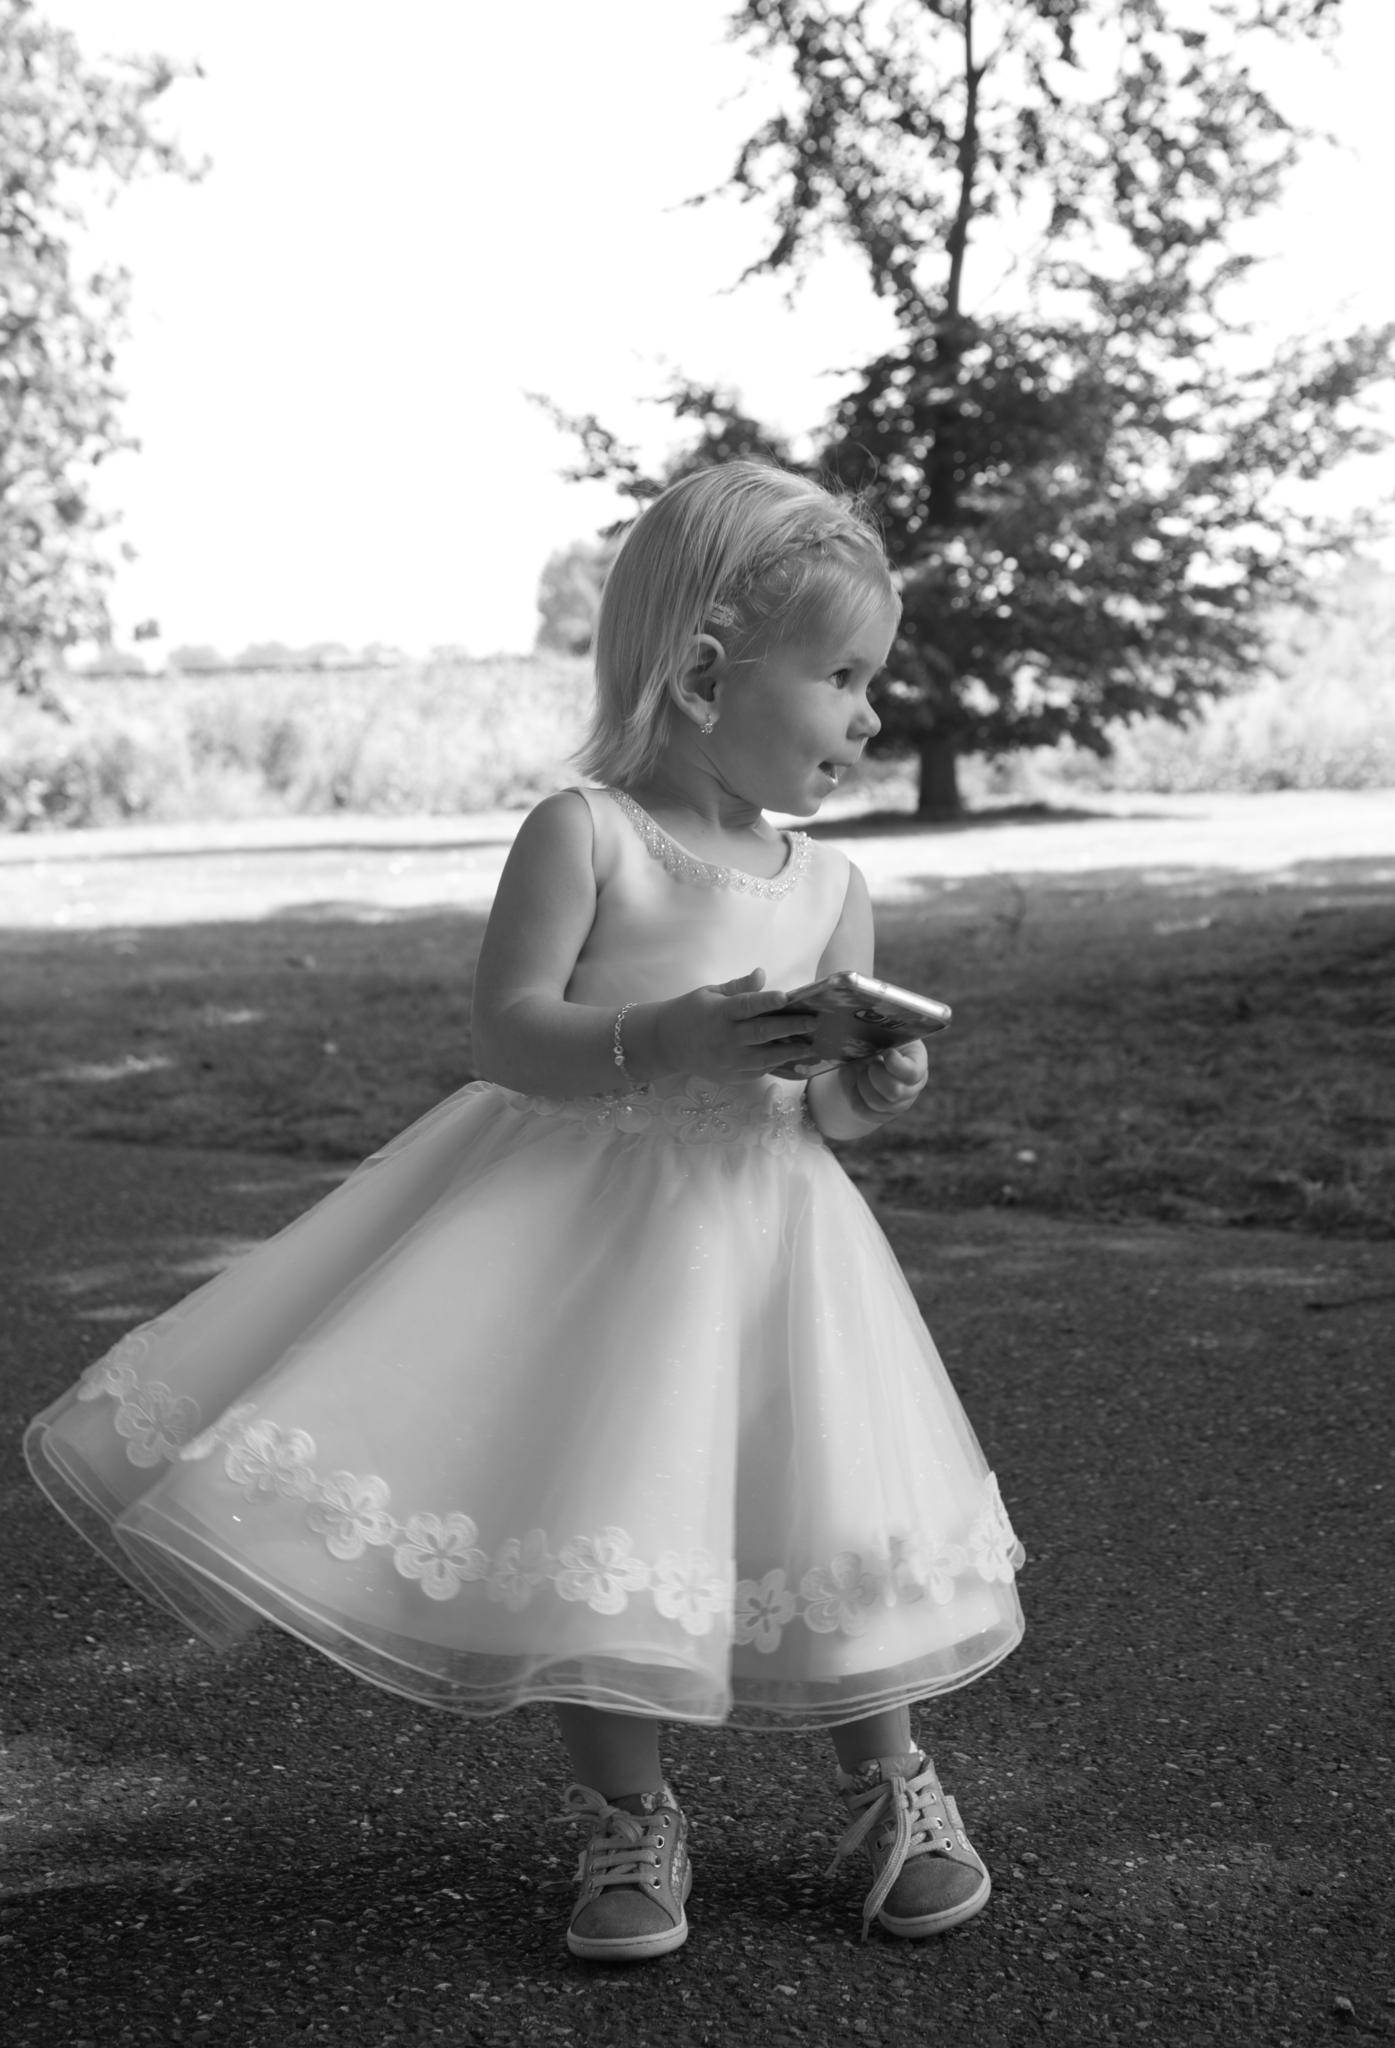 Bruidsmeisje danst op de muziek tijdens de trouwreportage van haar ouders in Roermond.